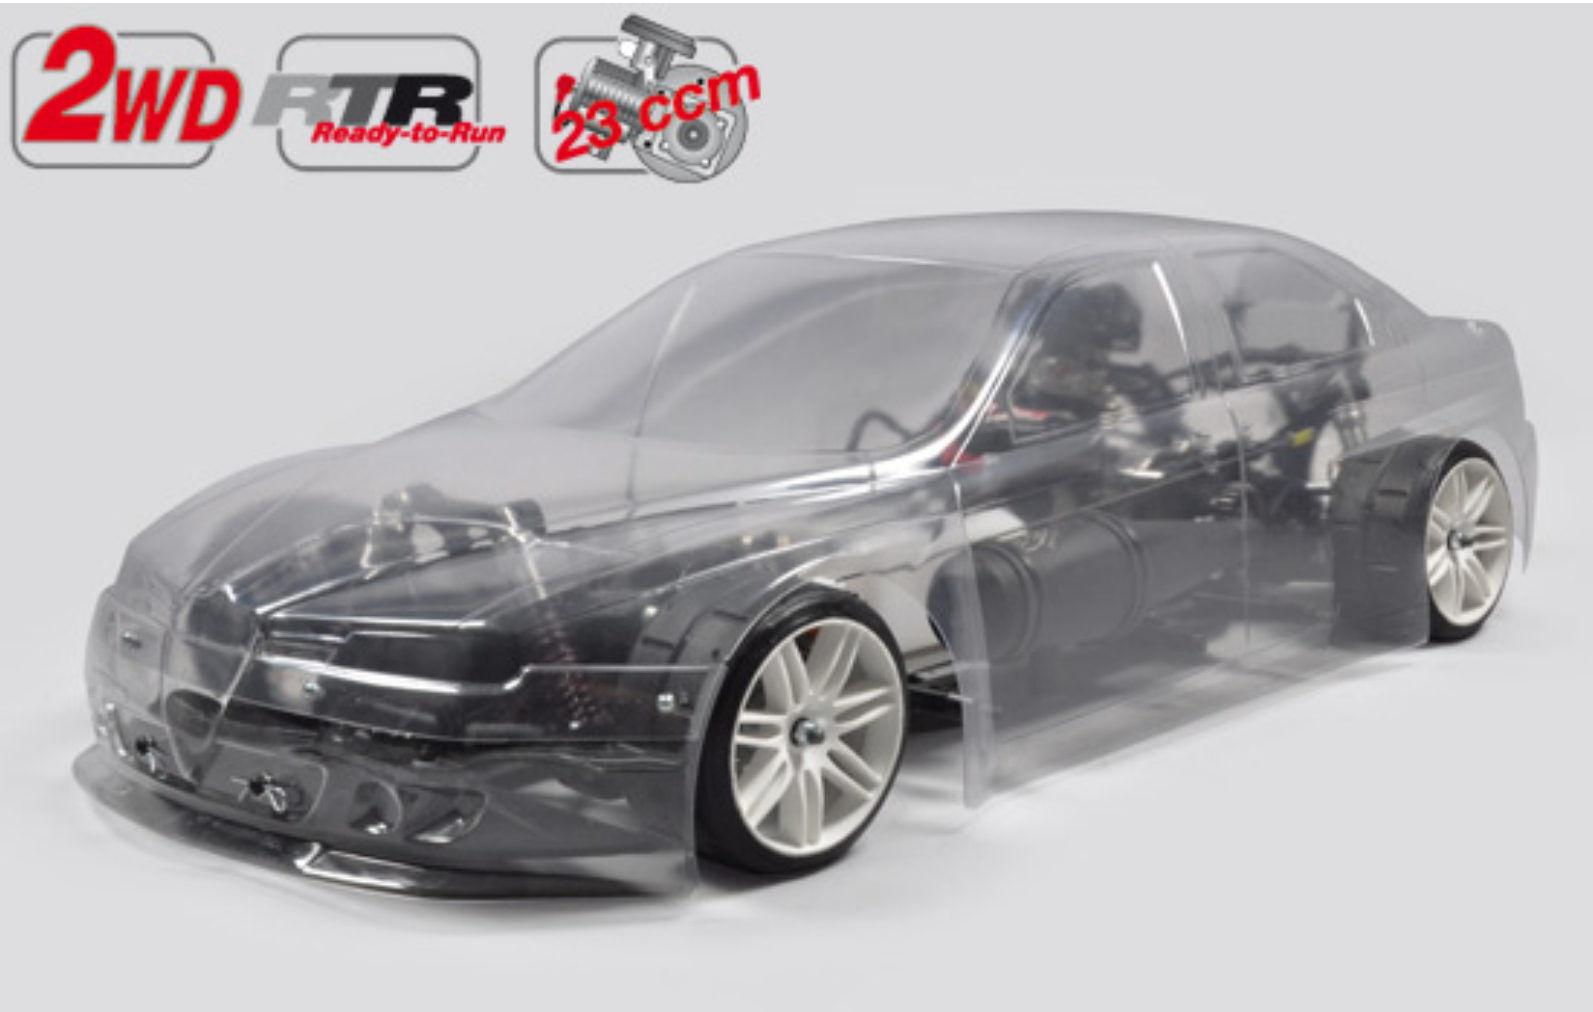 FG modelo Sport r New sportline 2wd chasis ar body 23 ccm sin pintar rtr